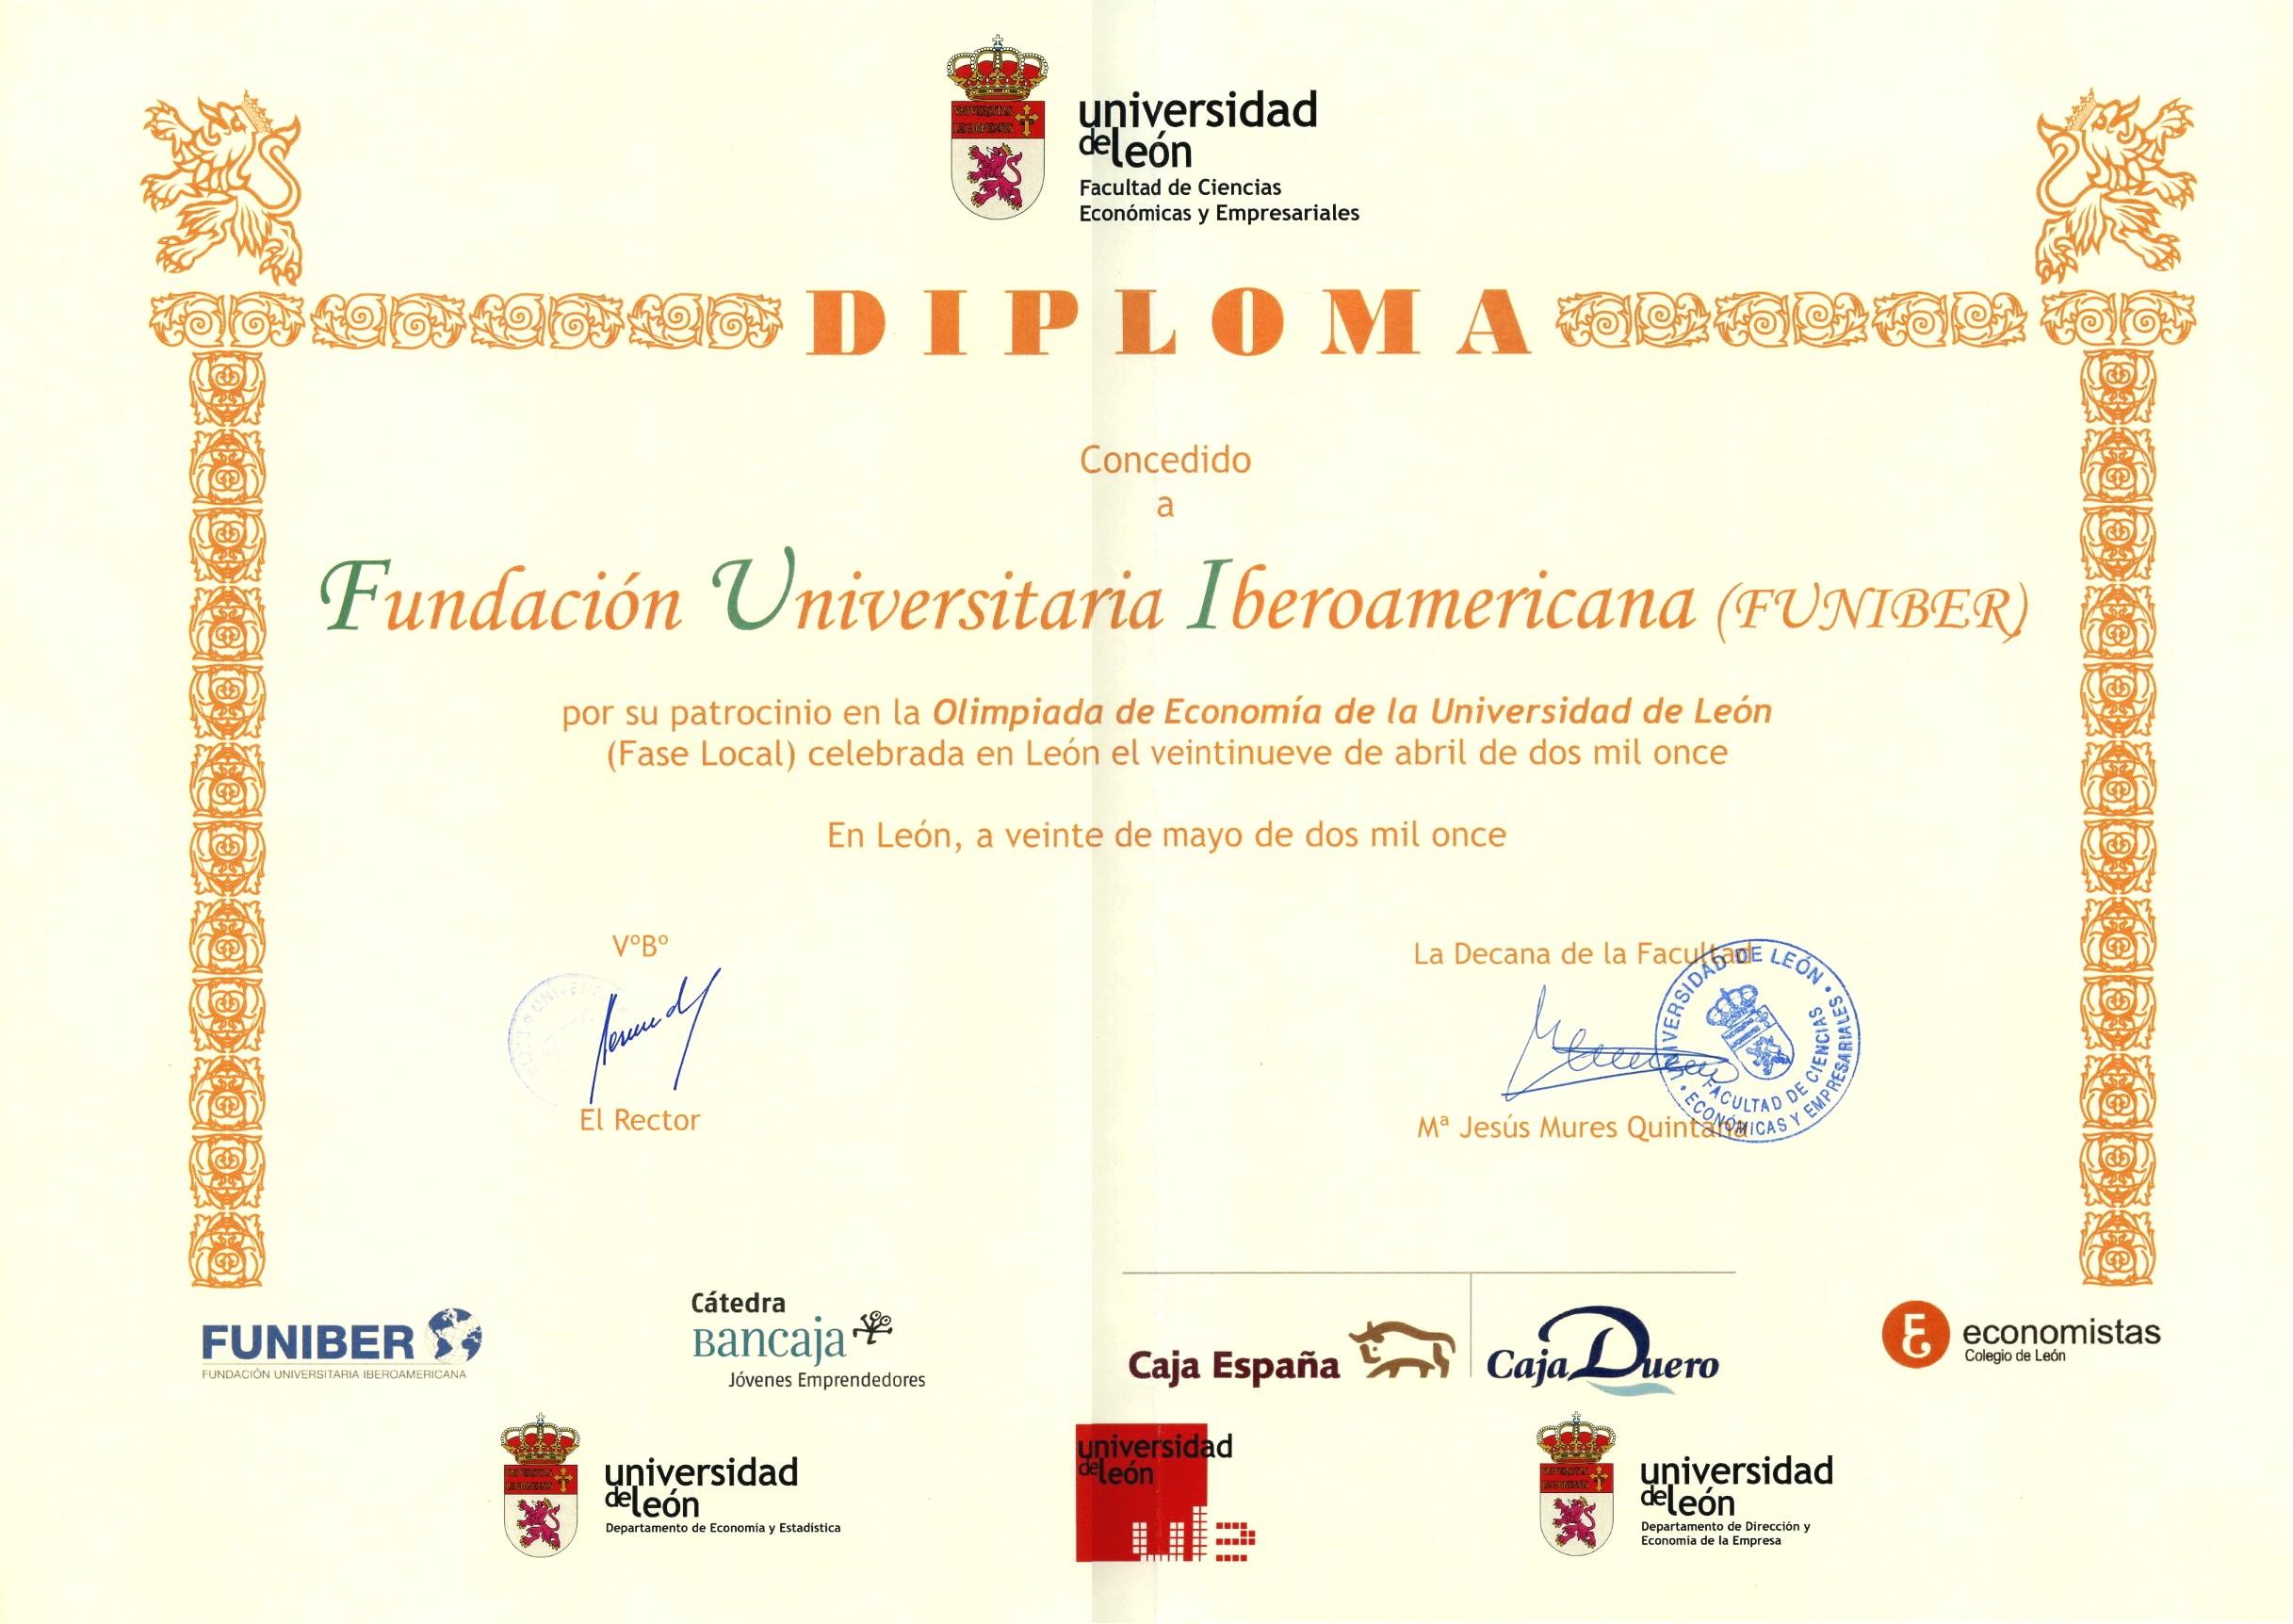 Funiber patrocina la III Olimpiada de Economía de la Universidad de León